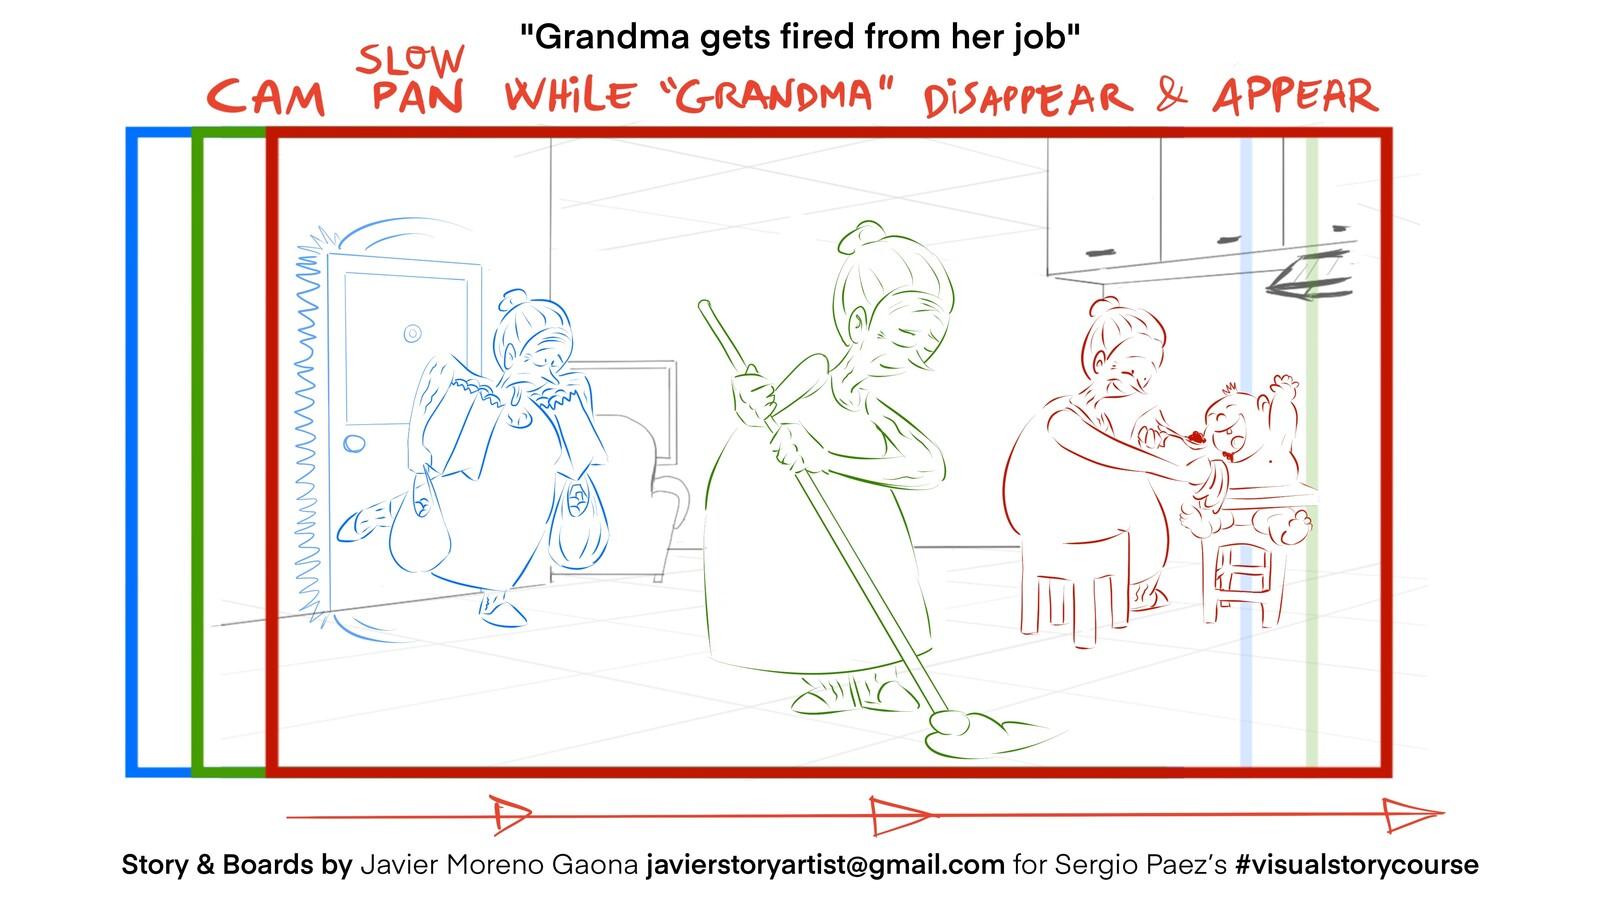 Grandma gets fired - WIP